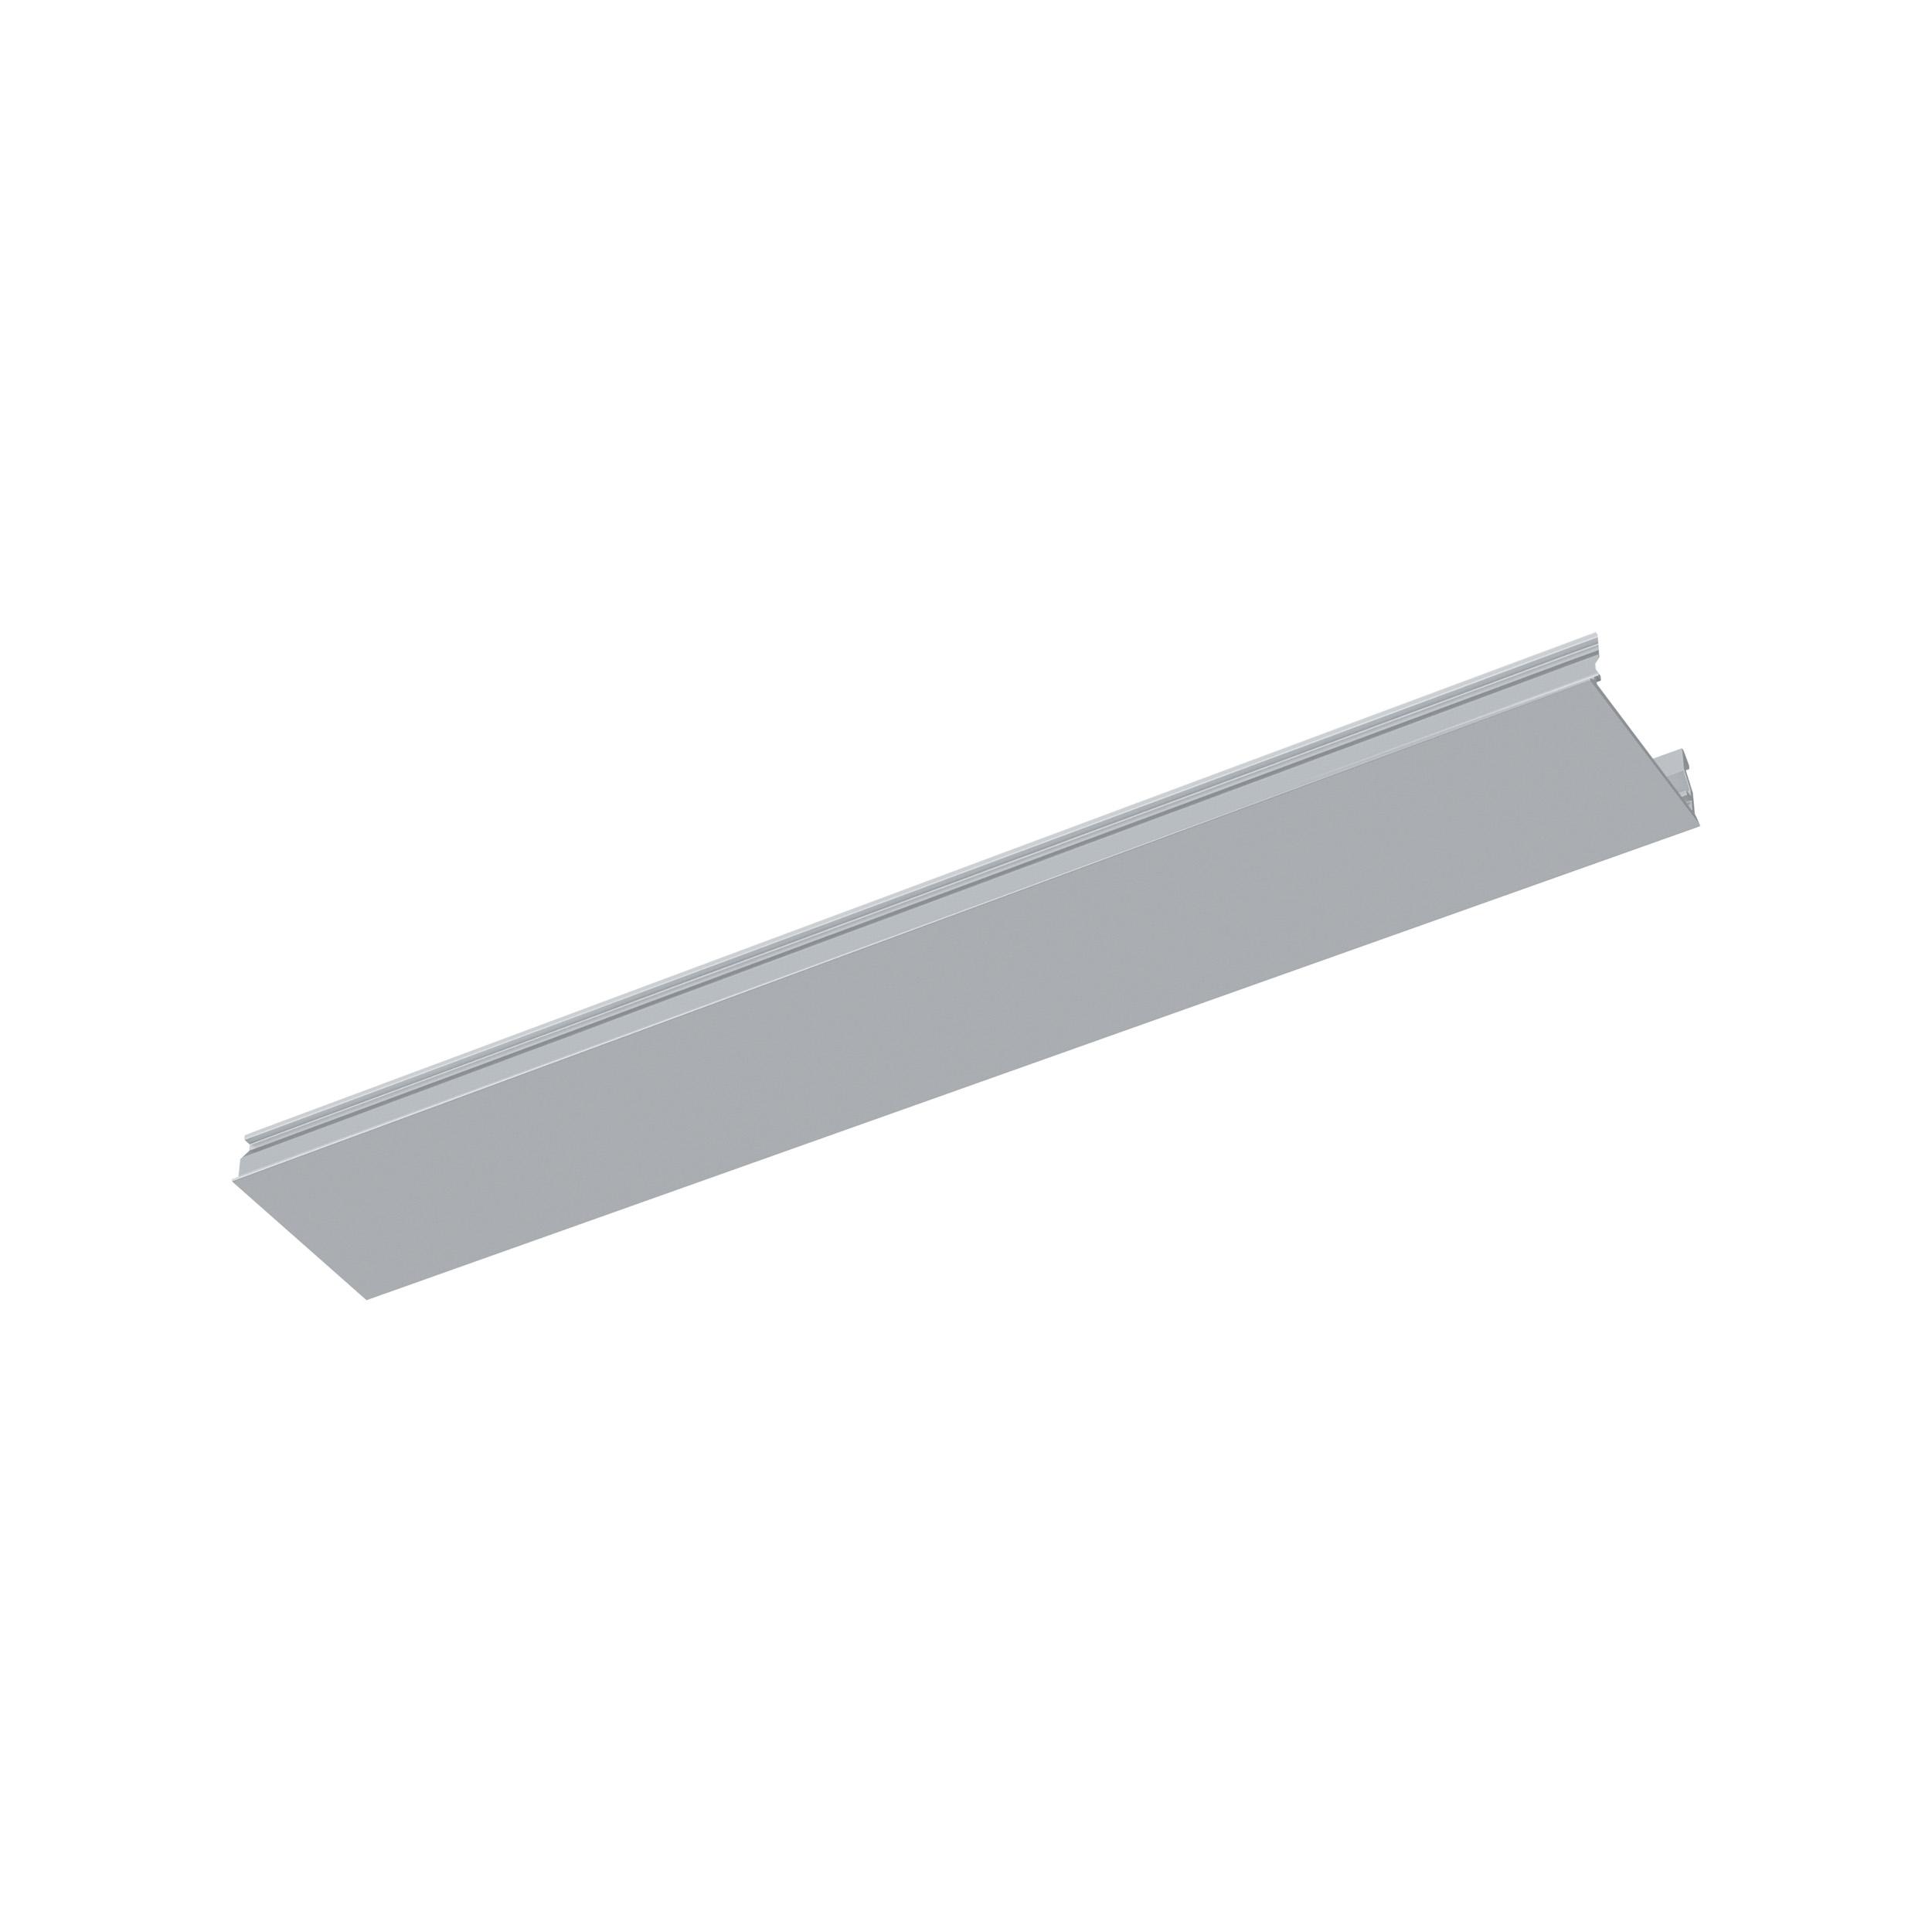 1 Stk Abdeckung Aluminium eloxiert, L-855mm LI65338---